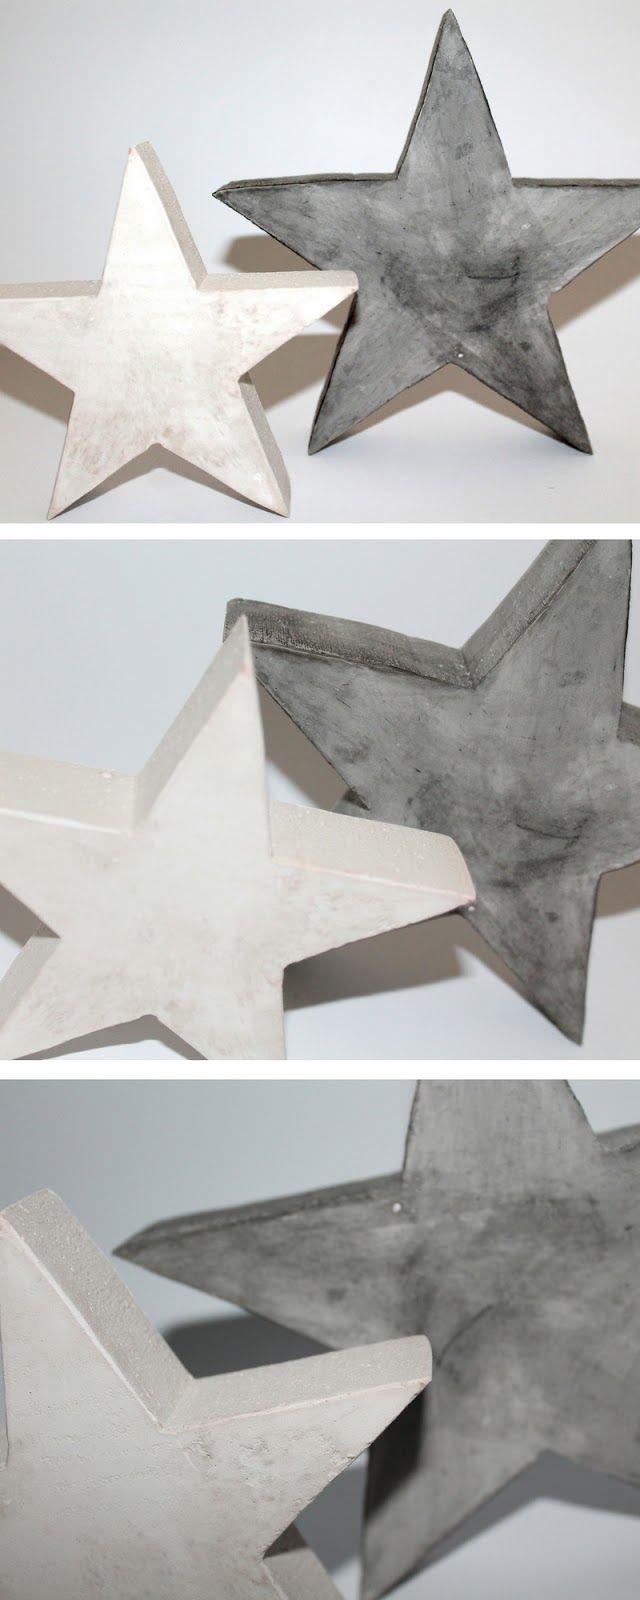 Gartenfiguren Aus Beton Selber Machen Elegant Diy Gips Beton Sterne Einfach Gießen Selbermachen